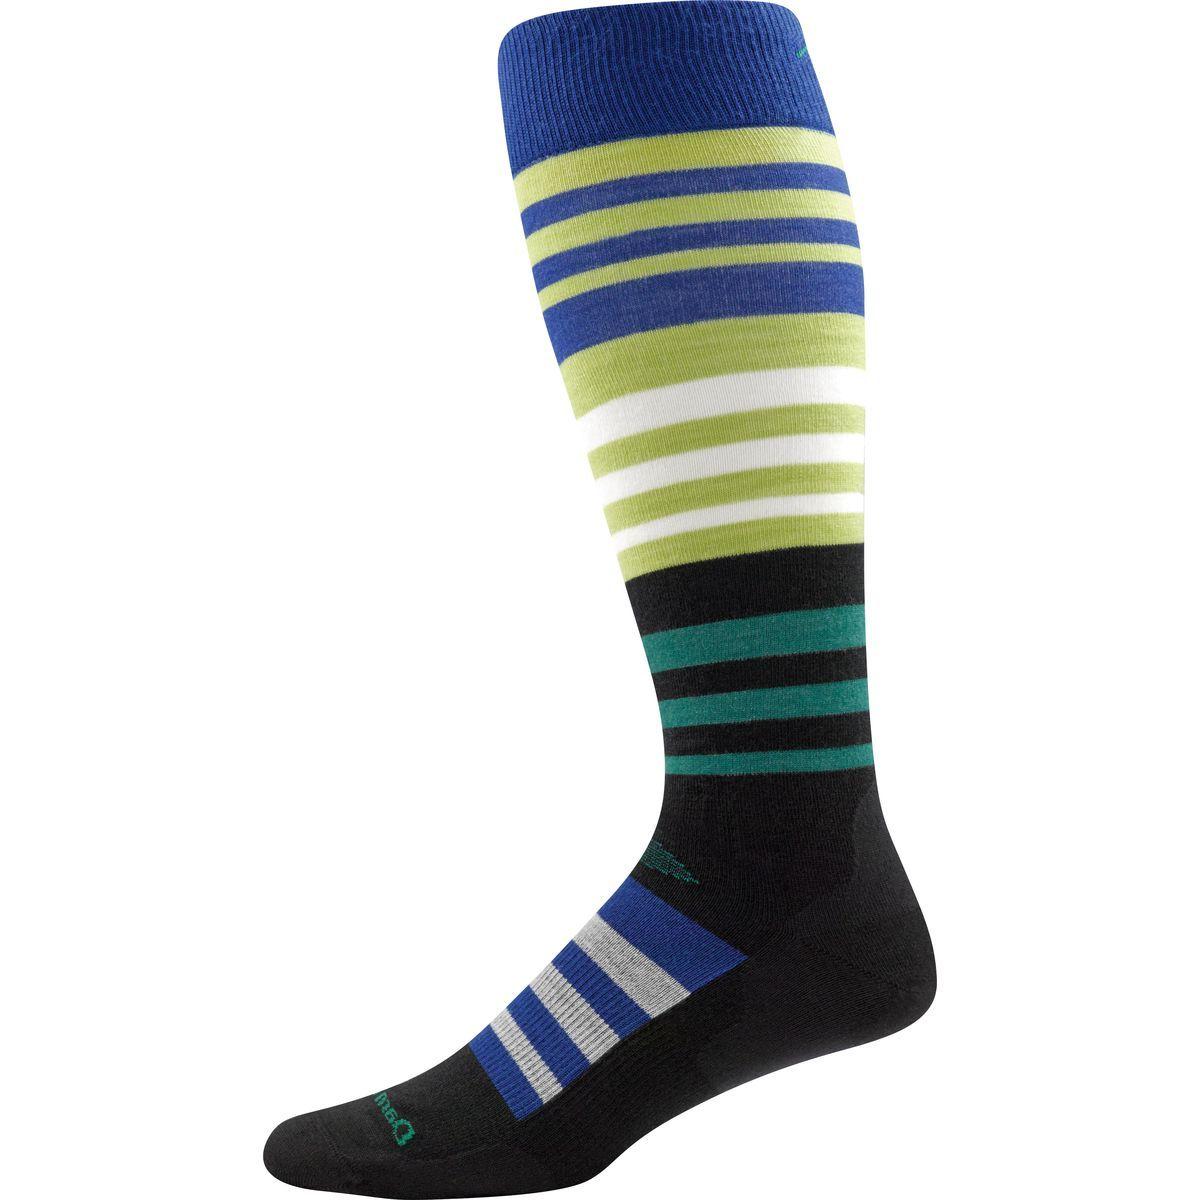 Darn Tough Hojo Over-The-Calf Ultra-Light Ski Sock - Men's